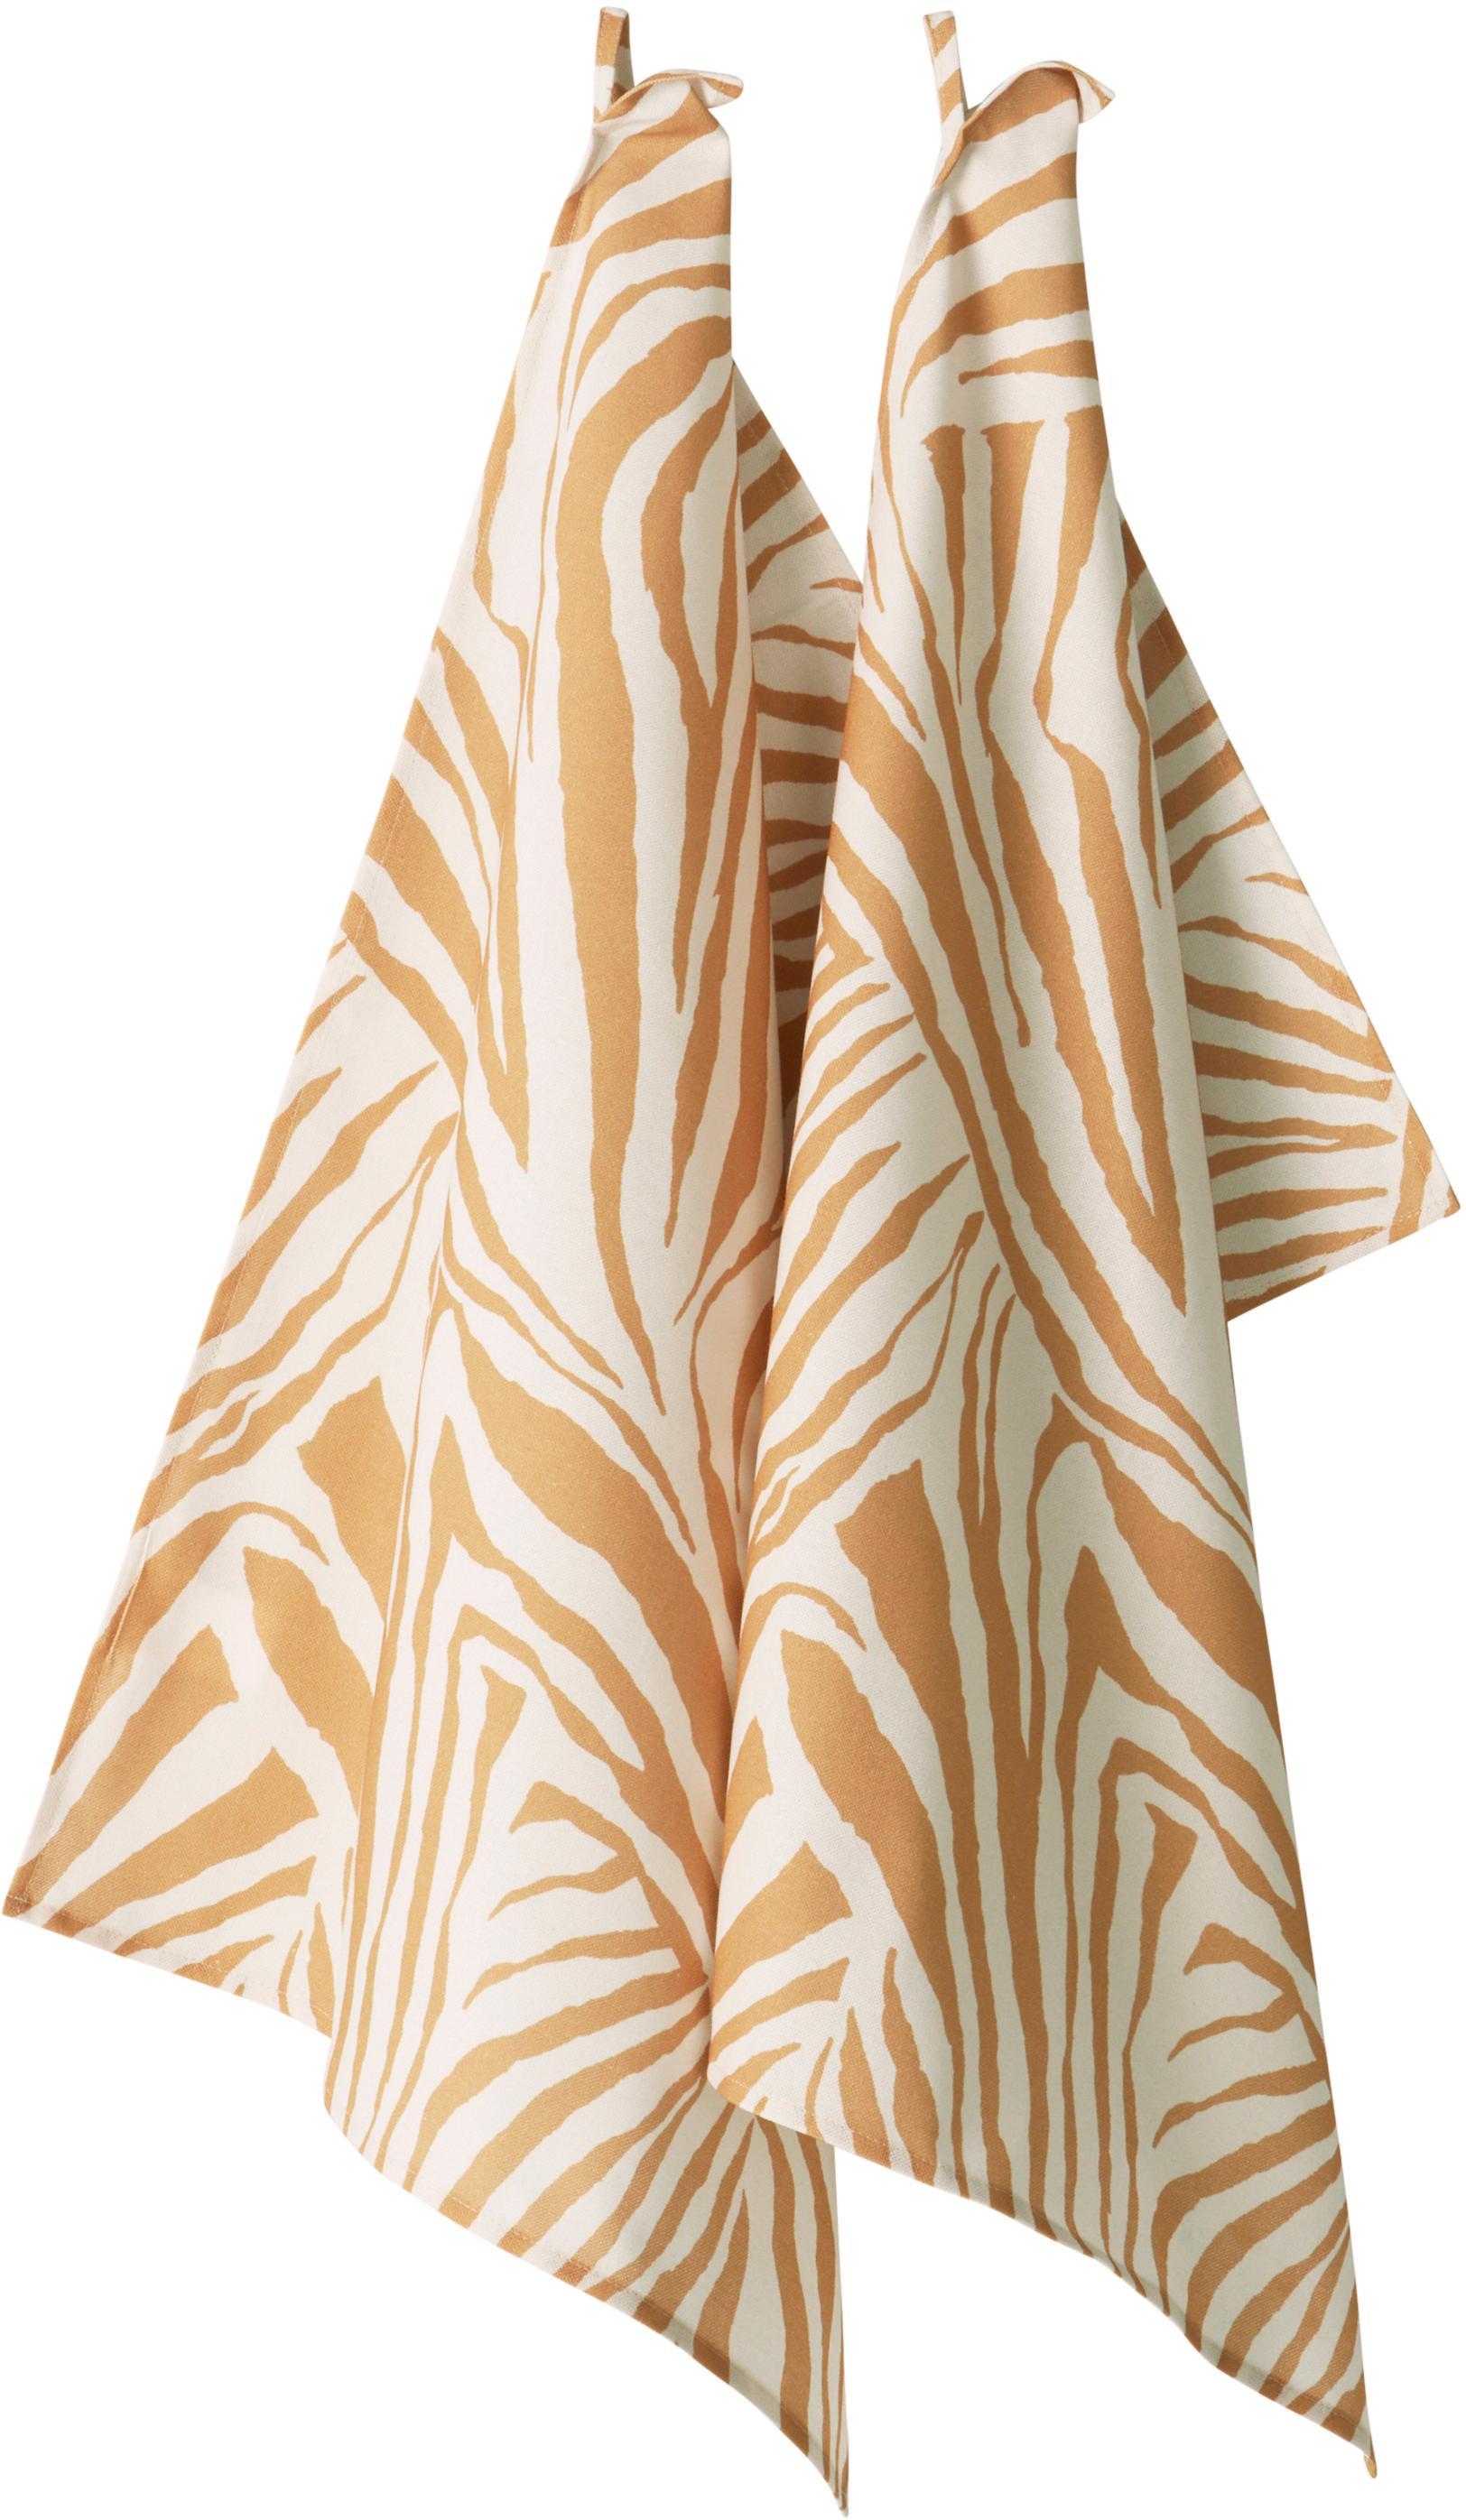 Ręcznik kuchenny Zadie, 2 szt., 100% bawełna pochodząca ze zrównoważonych upraw, Musztardowy, kremowobiały, D 50 x S 70 cm